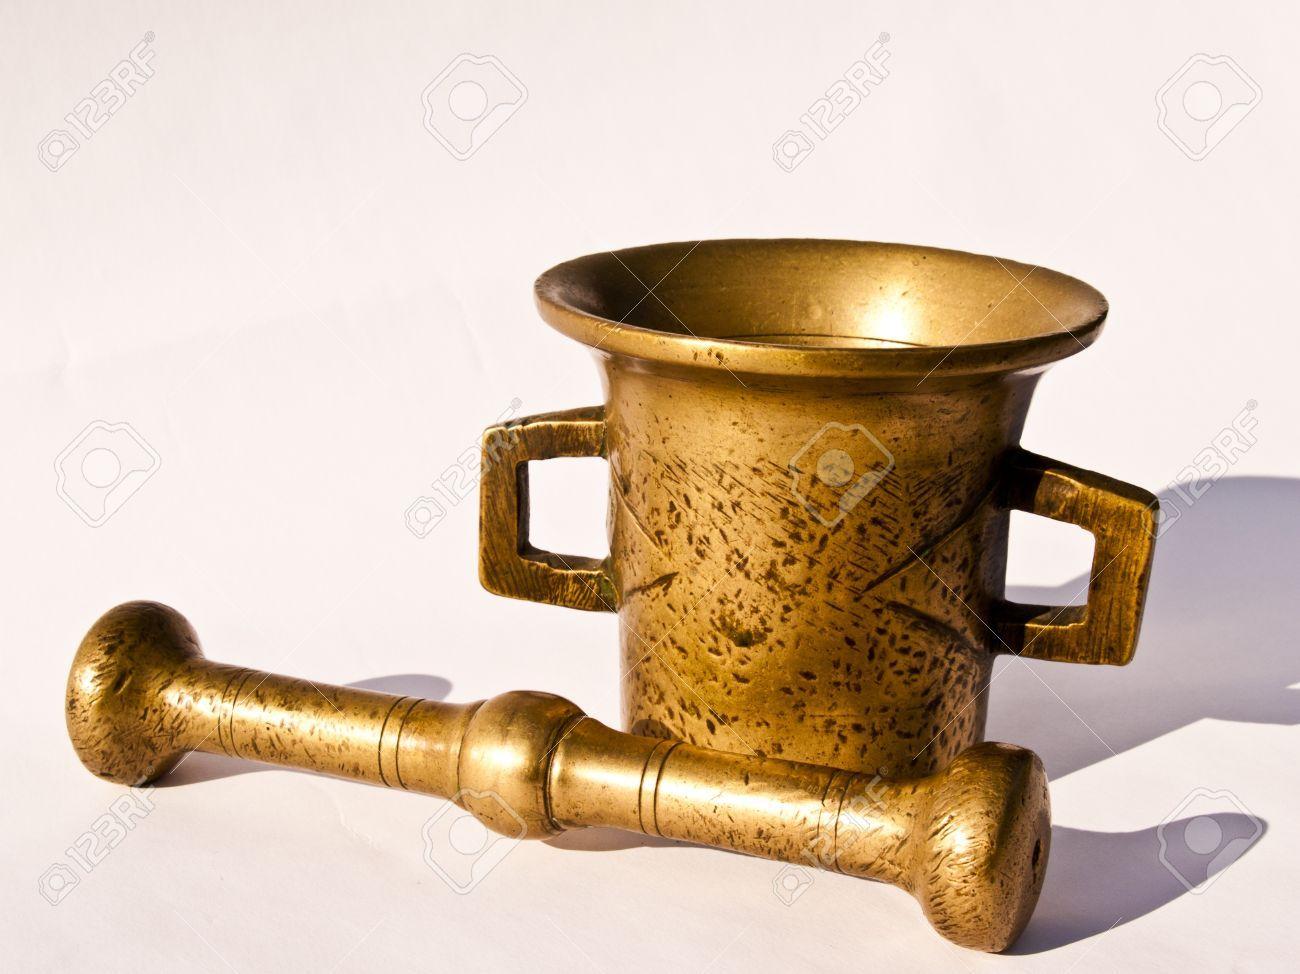 Utensilios de cocina antiguos mortero y almirez de bronce for Utensilios de cocina antiguos con nombres